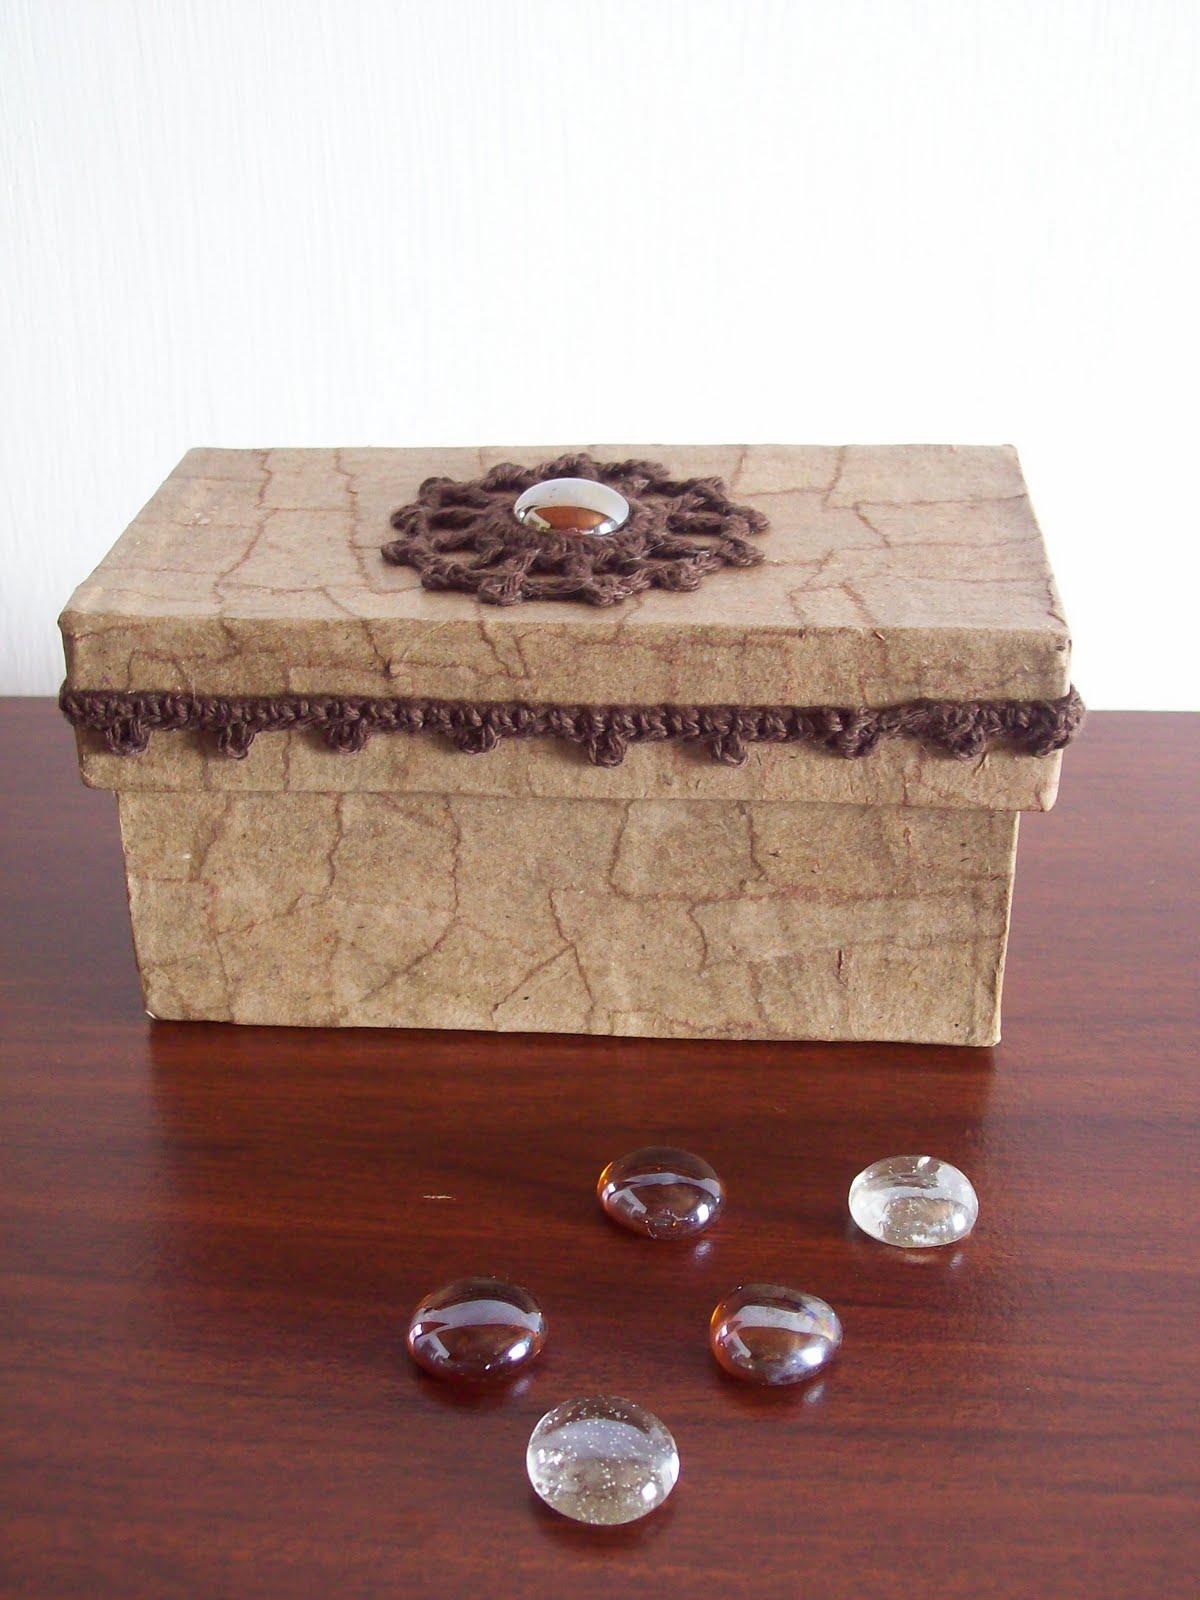 Tejido crochet y artesan as caja decorada for Cajas grandes de carton decoradas